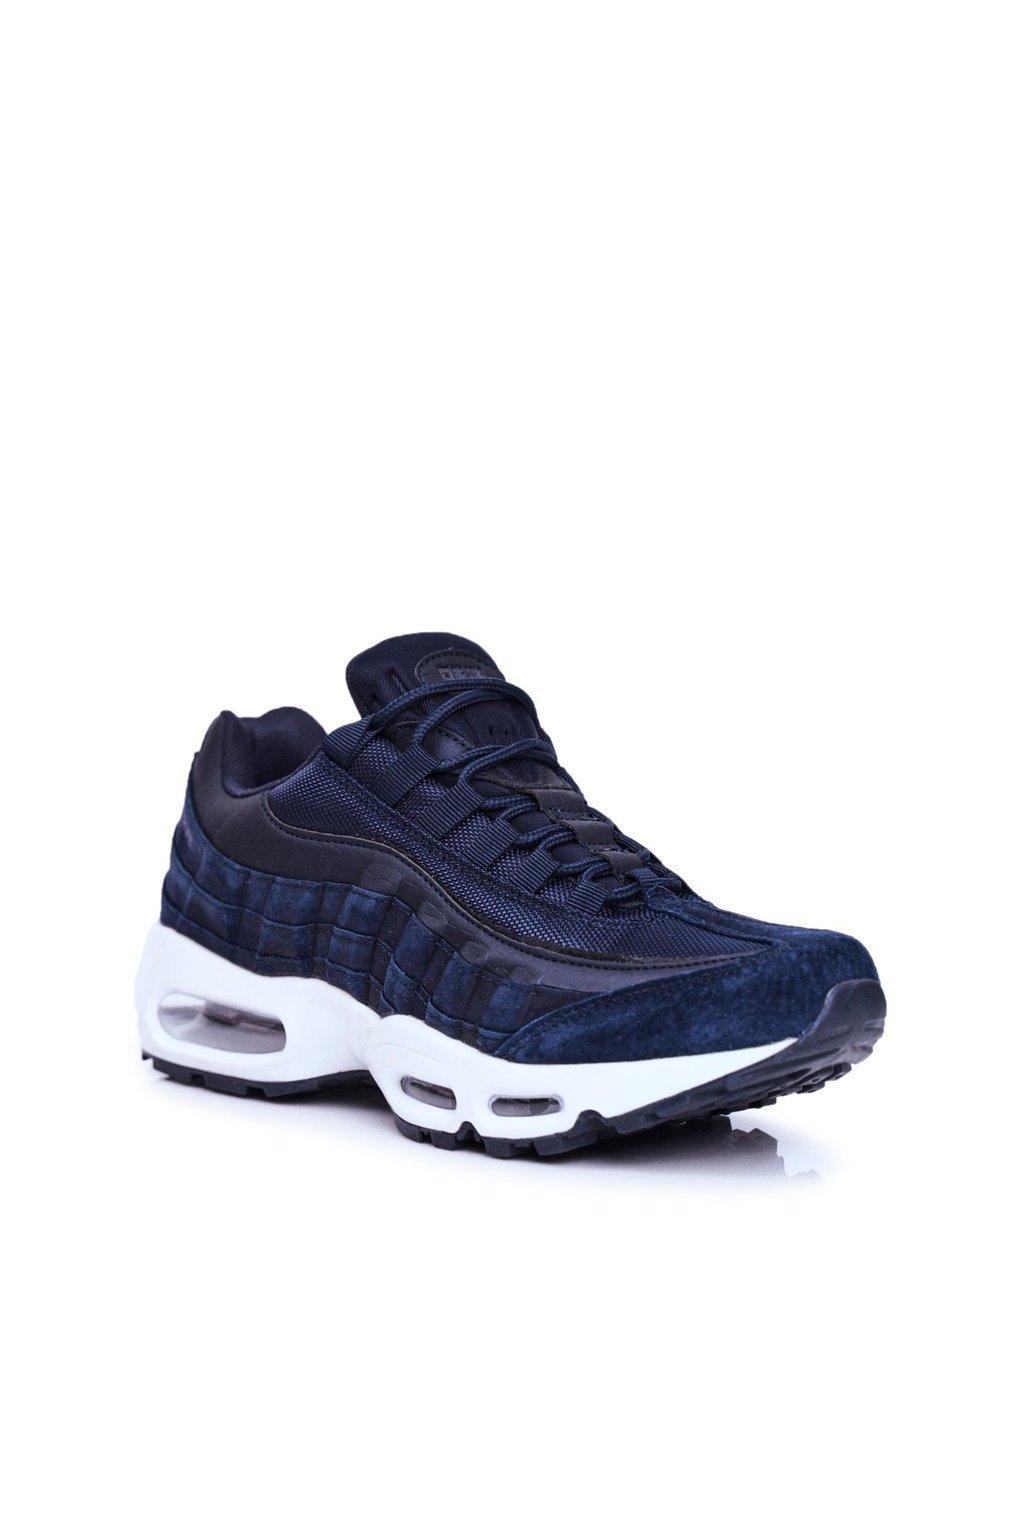 Modrá obuv kód topánok FF174299 NAVY